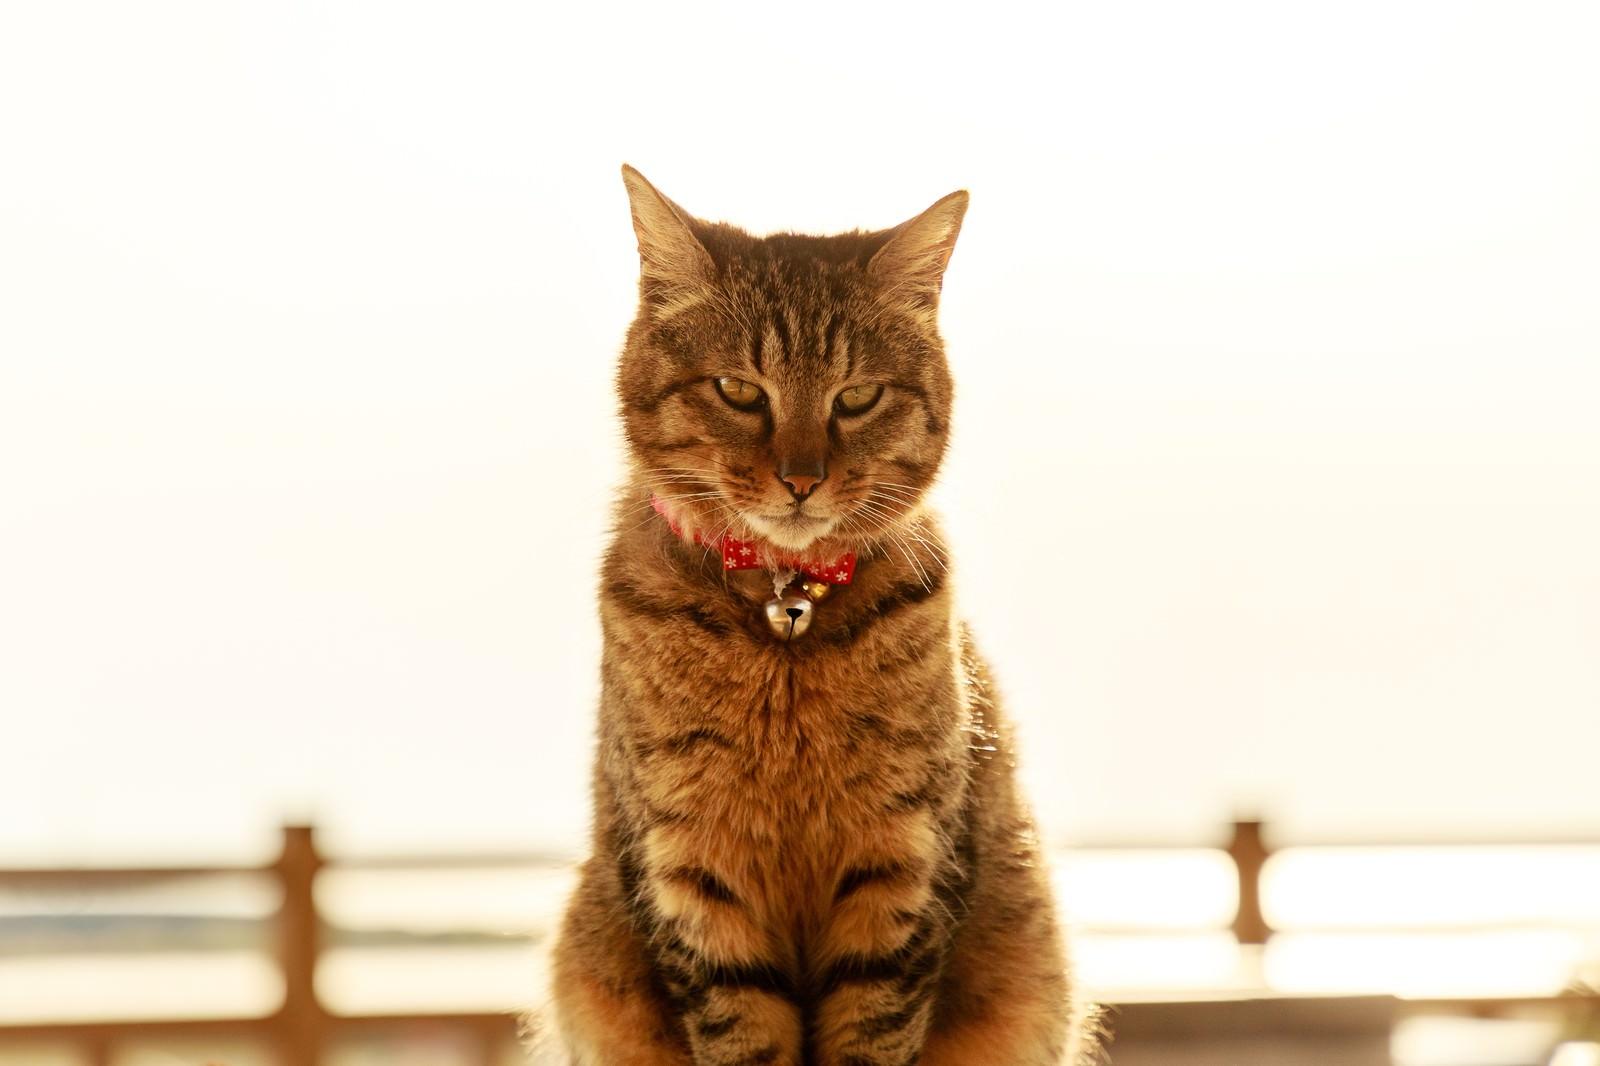 「金色の飼い猫」の写真